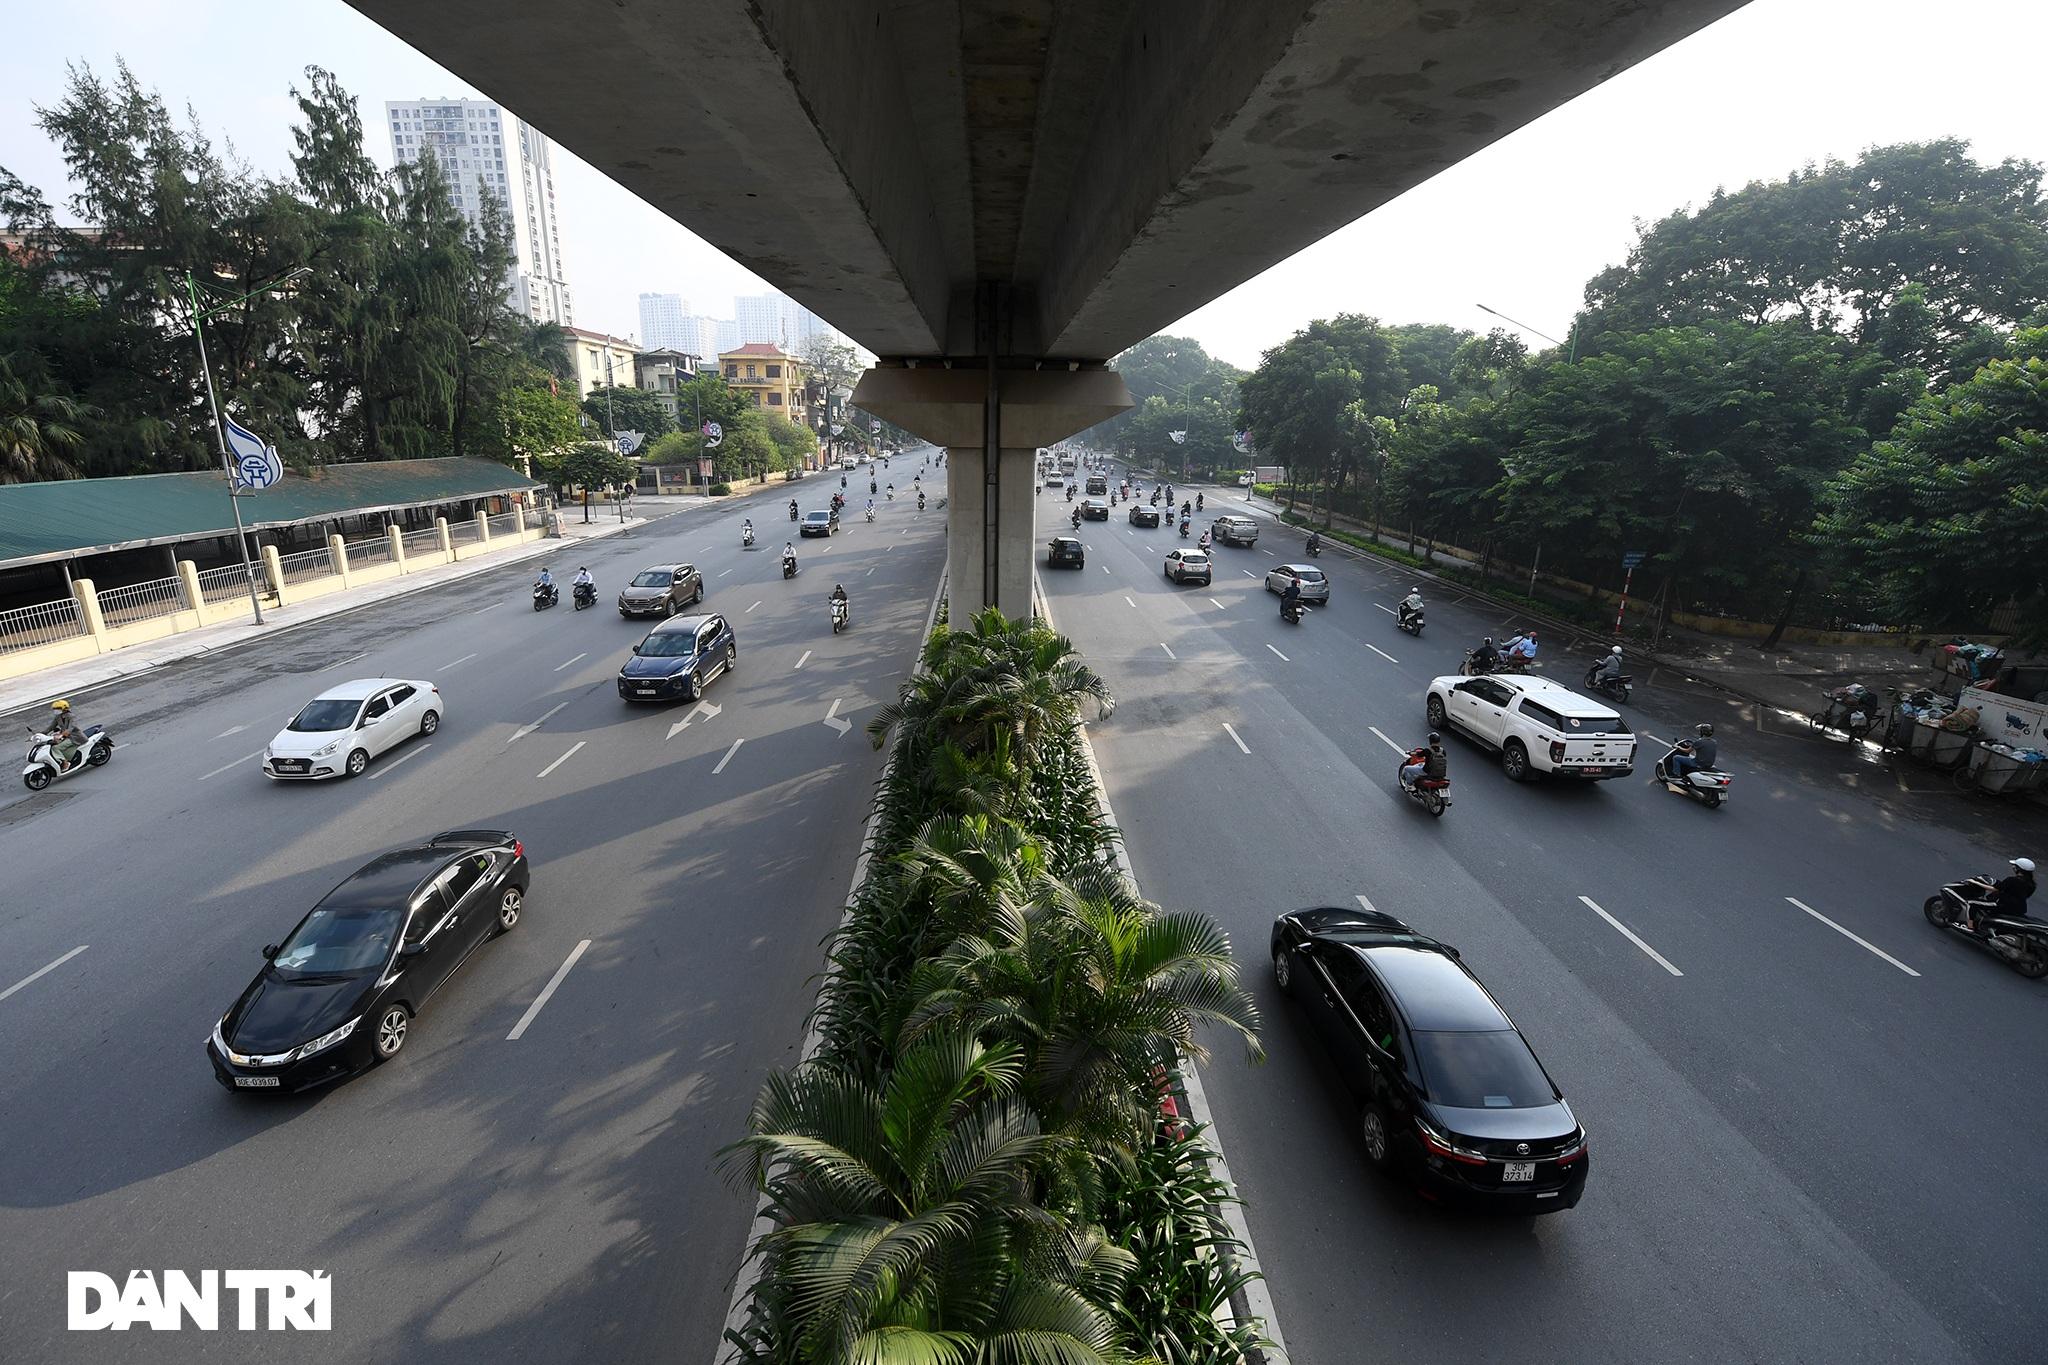 Đường phố tấp nập xe cộ sau khi TP Hà Nội bỏ quy định giấy đi đường - 1